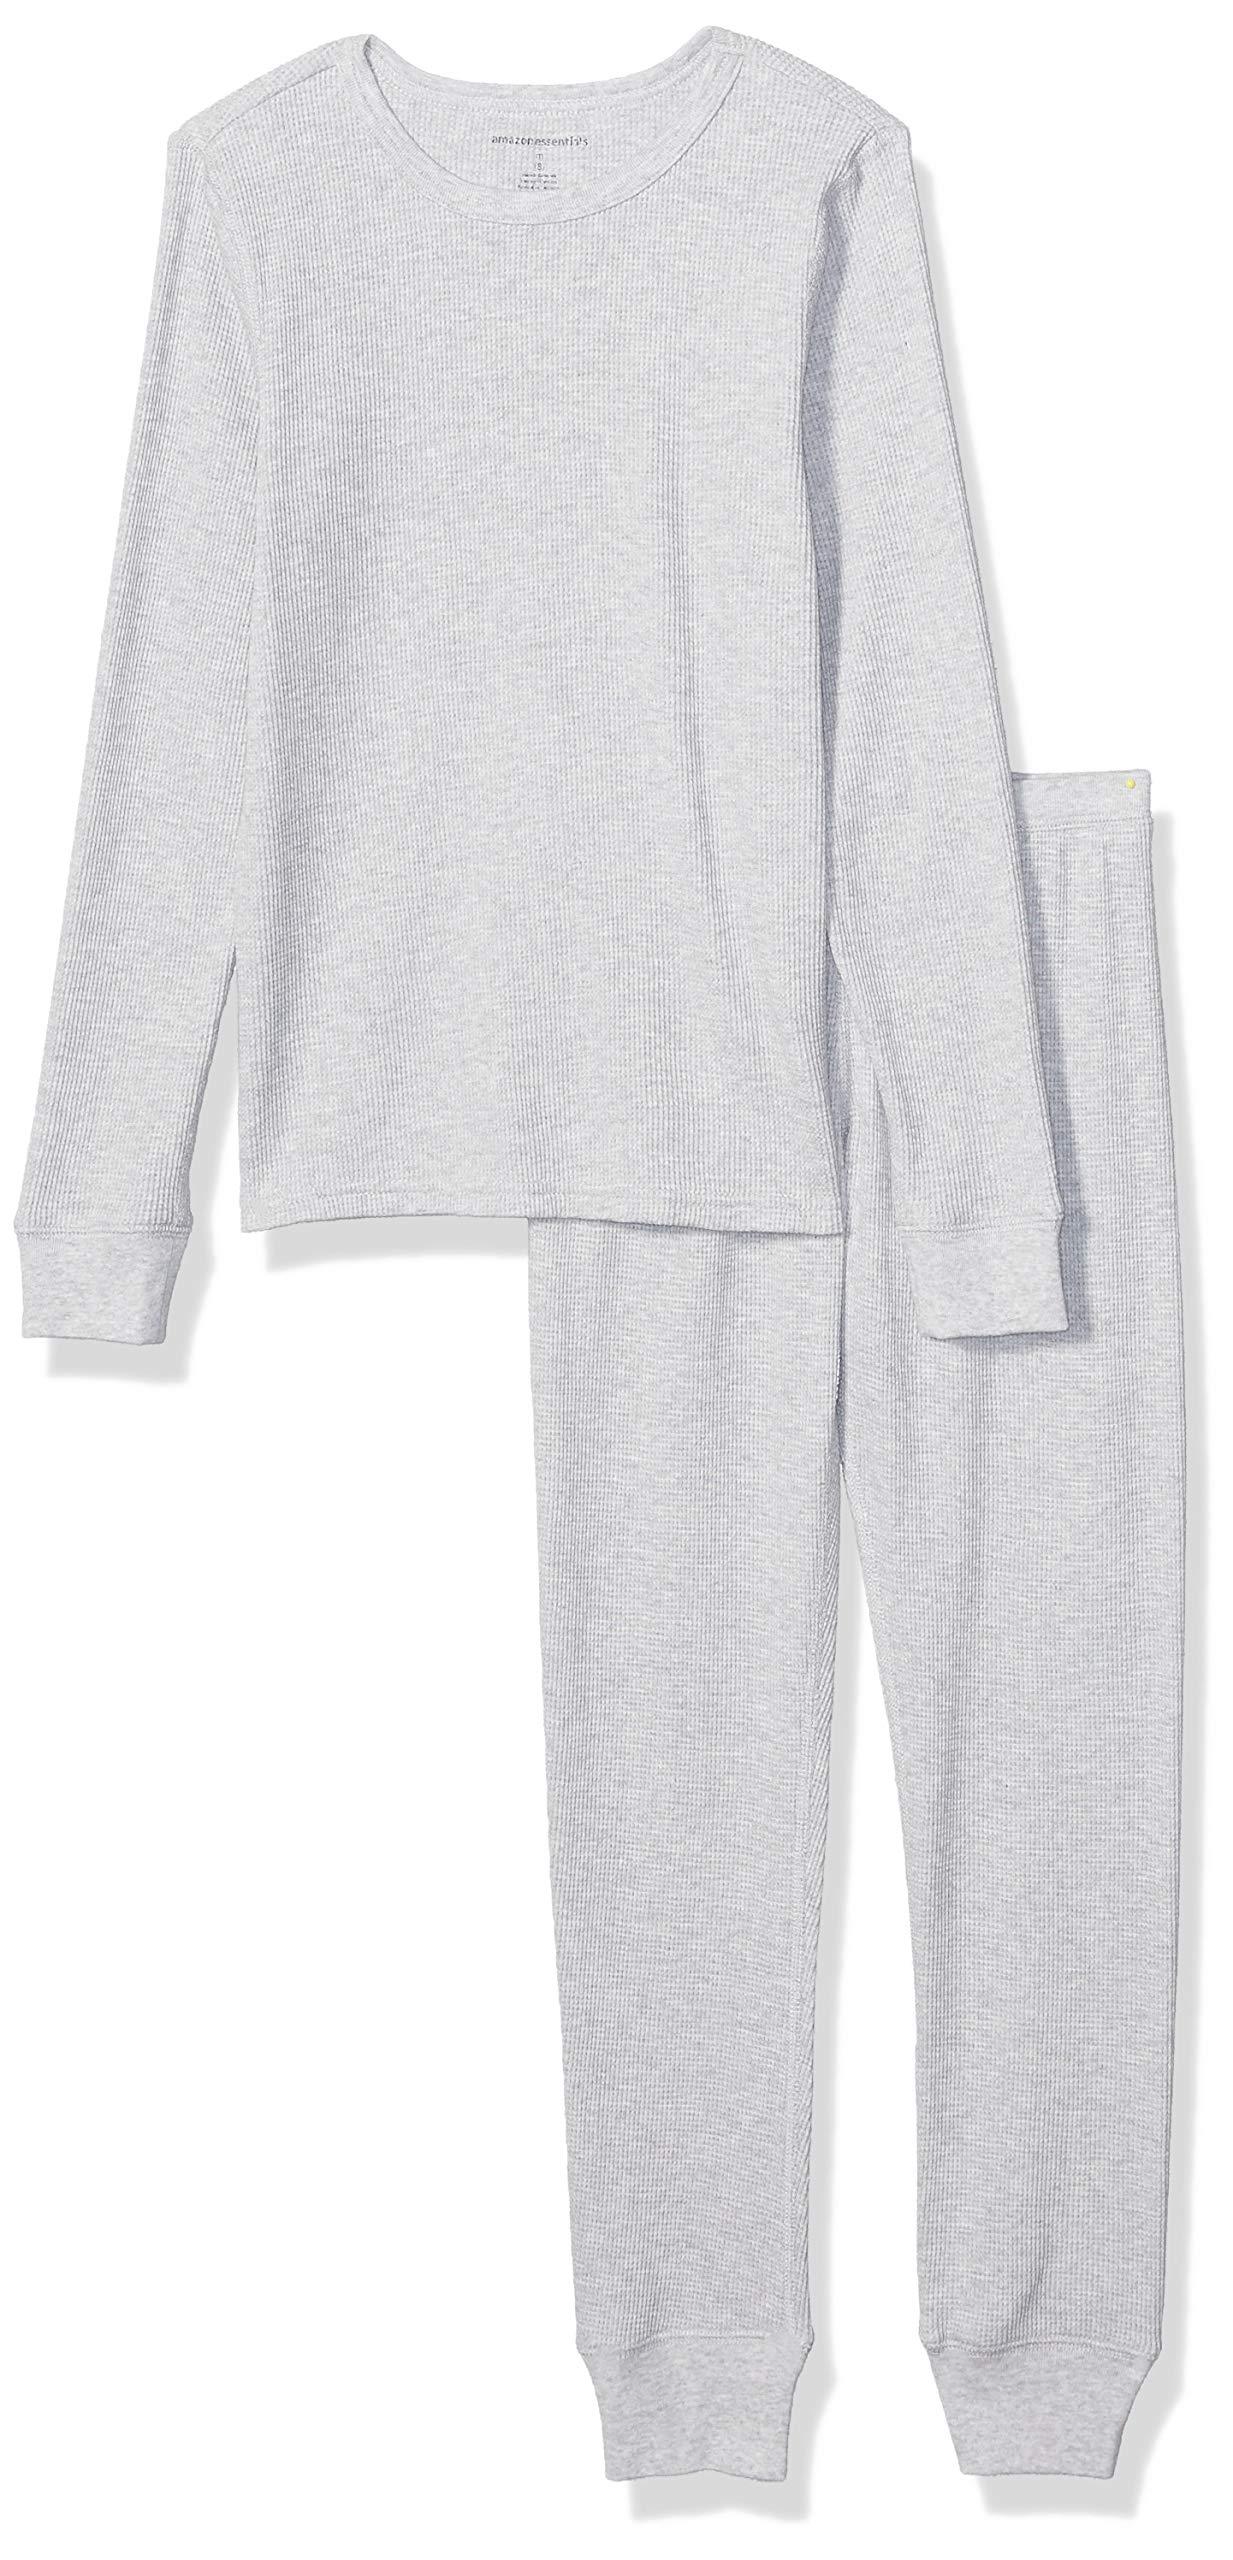 Amazon Essentials Boy's Thermal Long Underwear Set